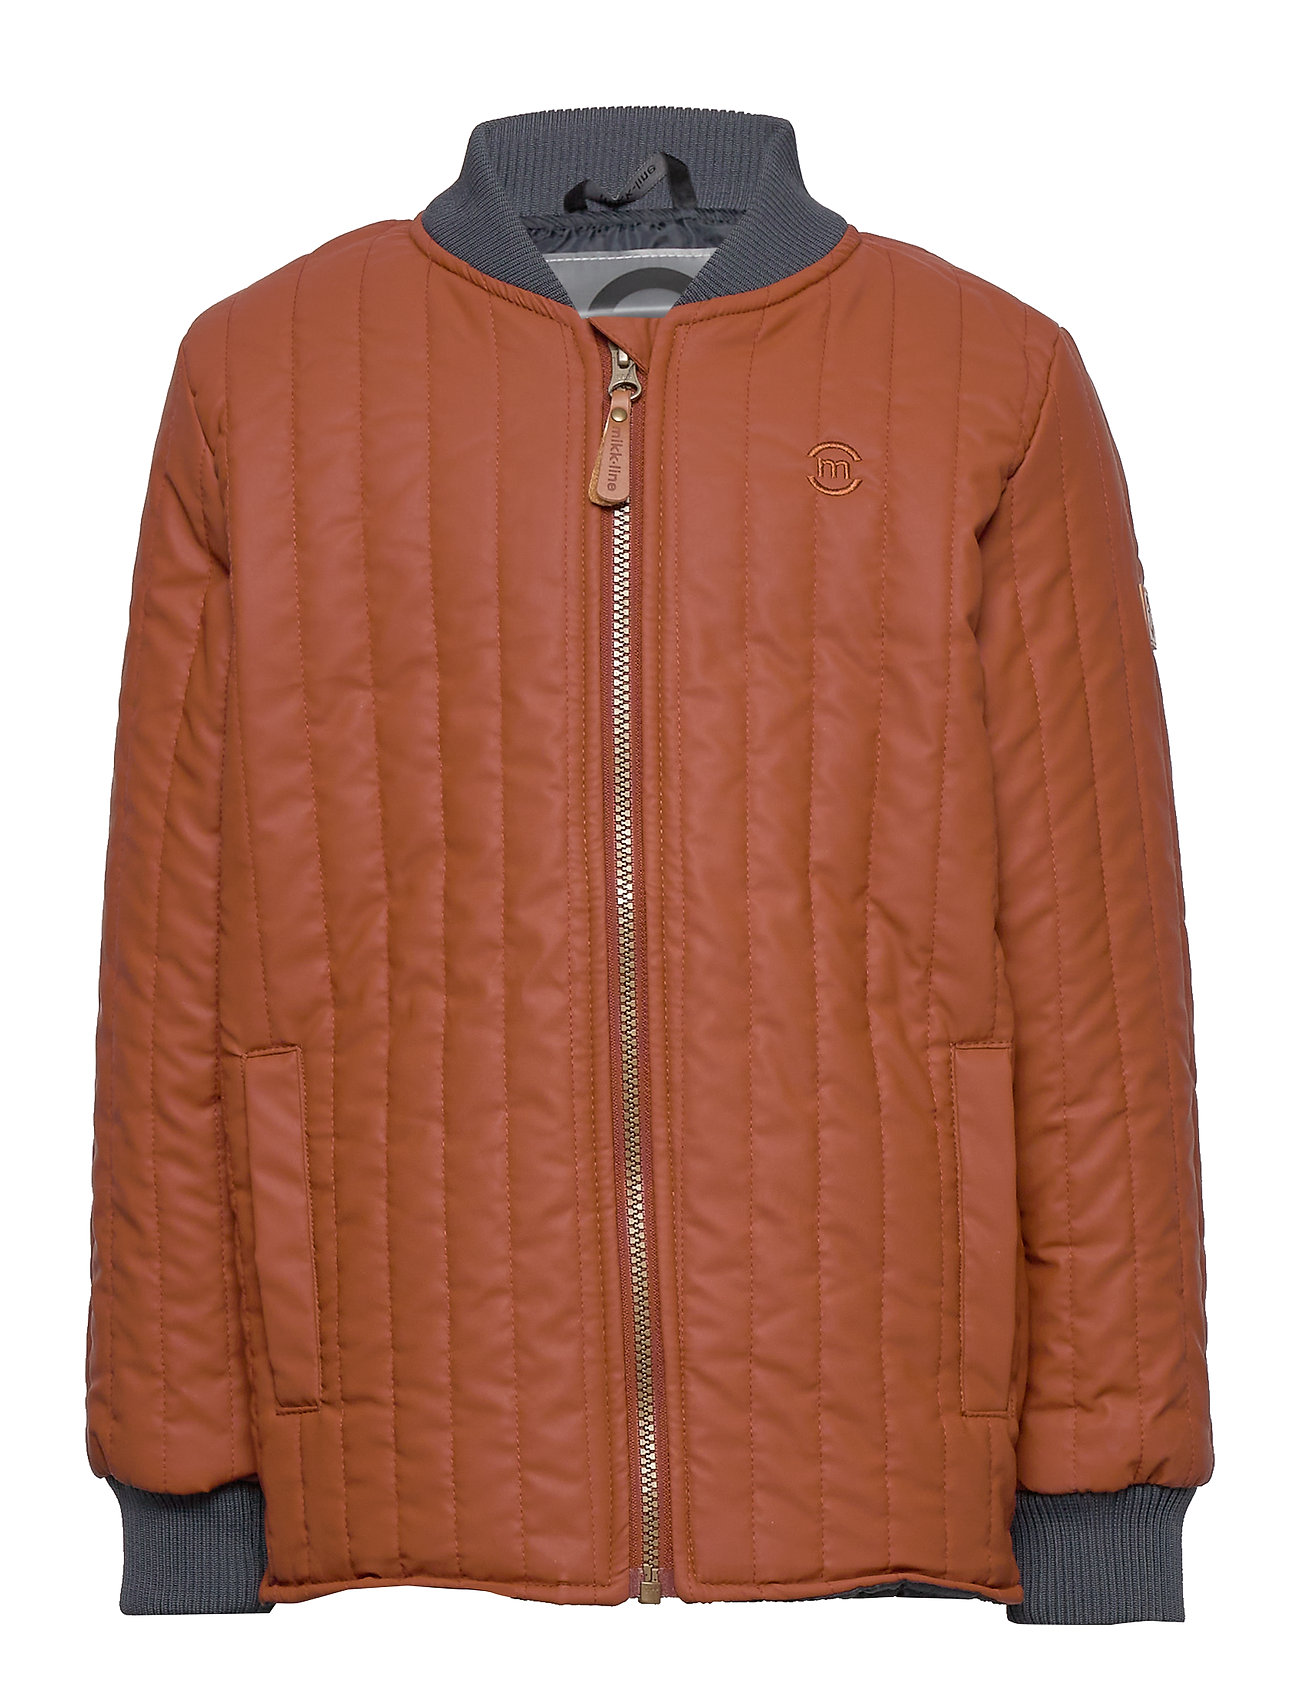 Image of Duvet Boys Jacket Outerwear Thermo Outerwear Thermo Jackets Orange Mikk-Line (3406311243)